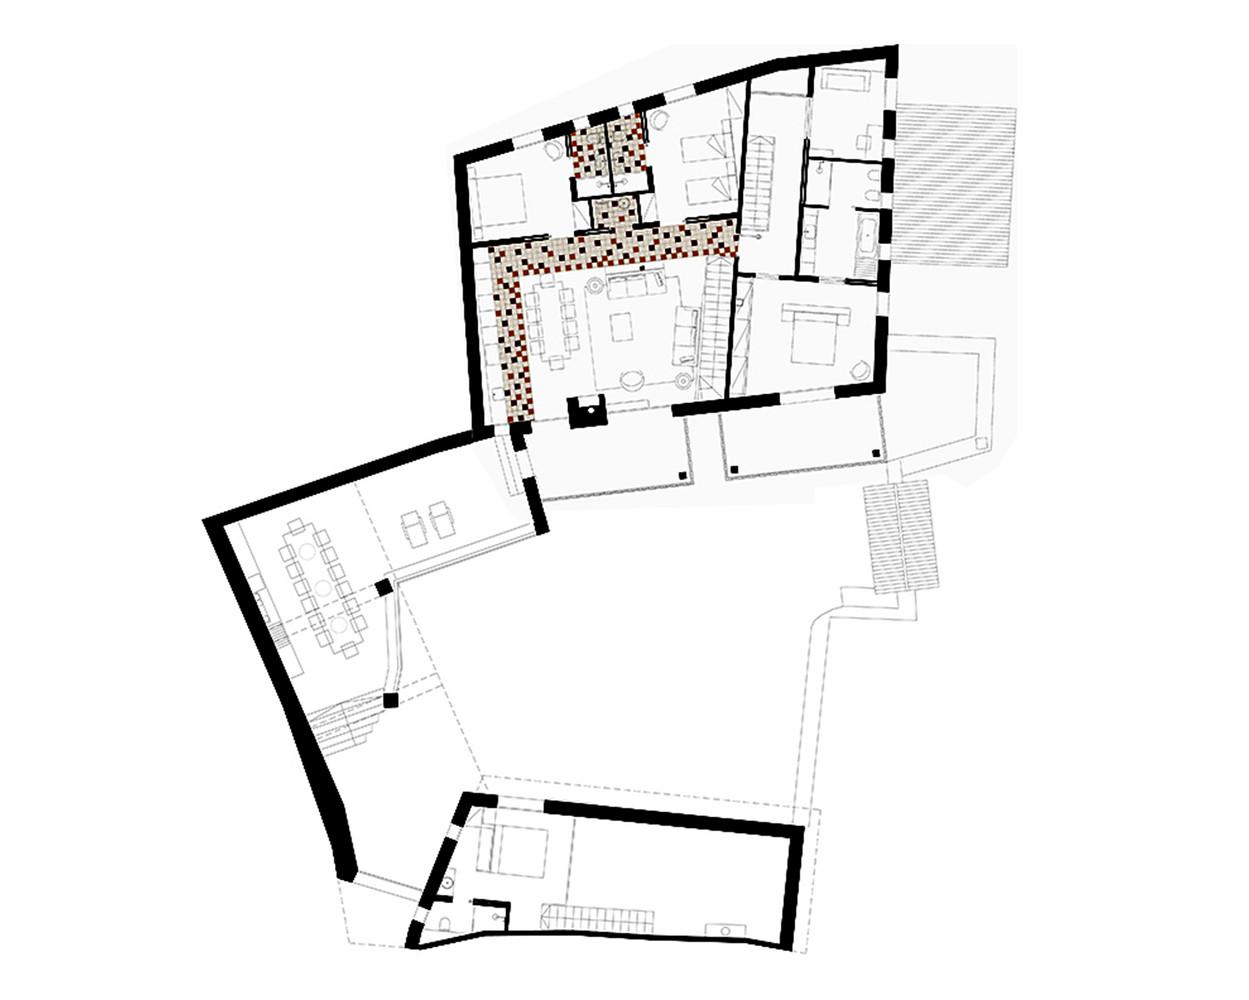 Rehabilitación en Cerdeña. dom - arquitectura. Rústico contemporáneo.